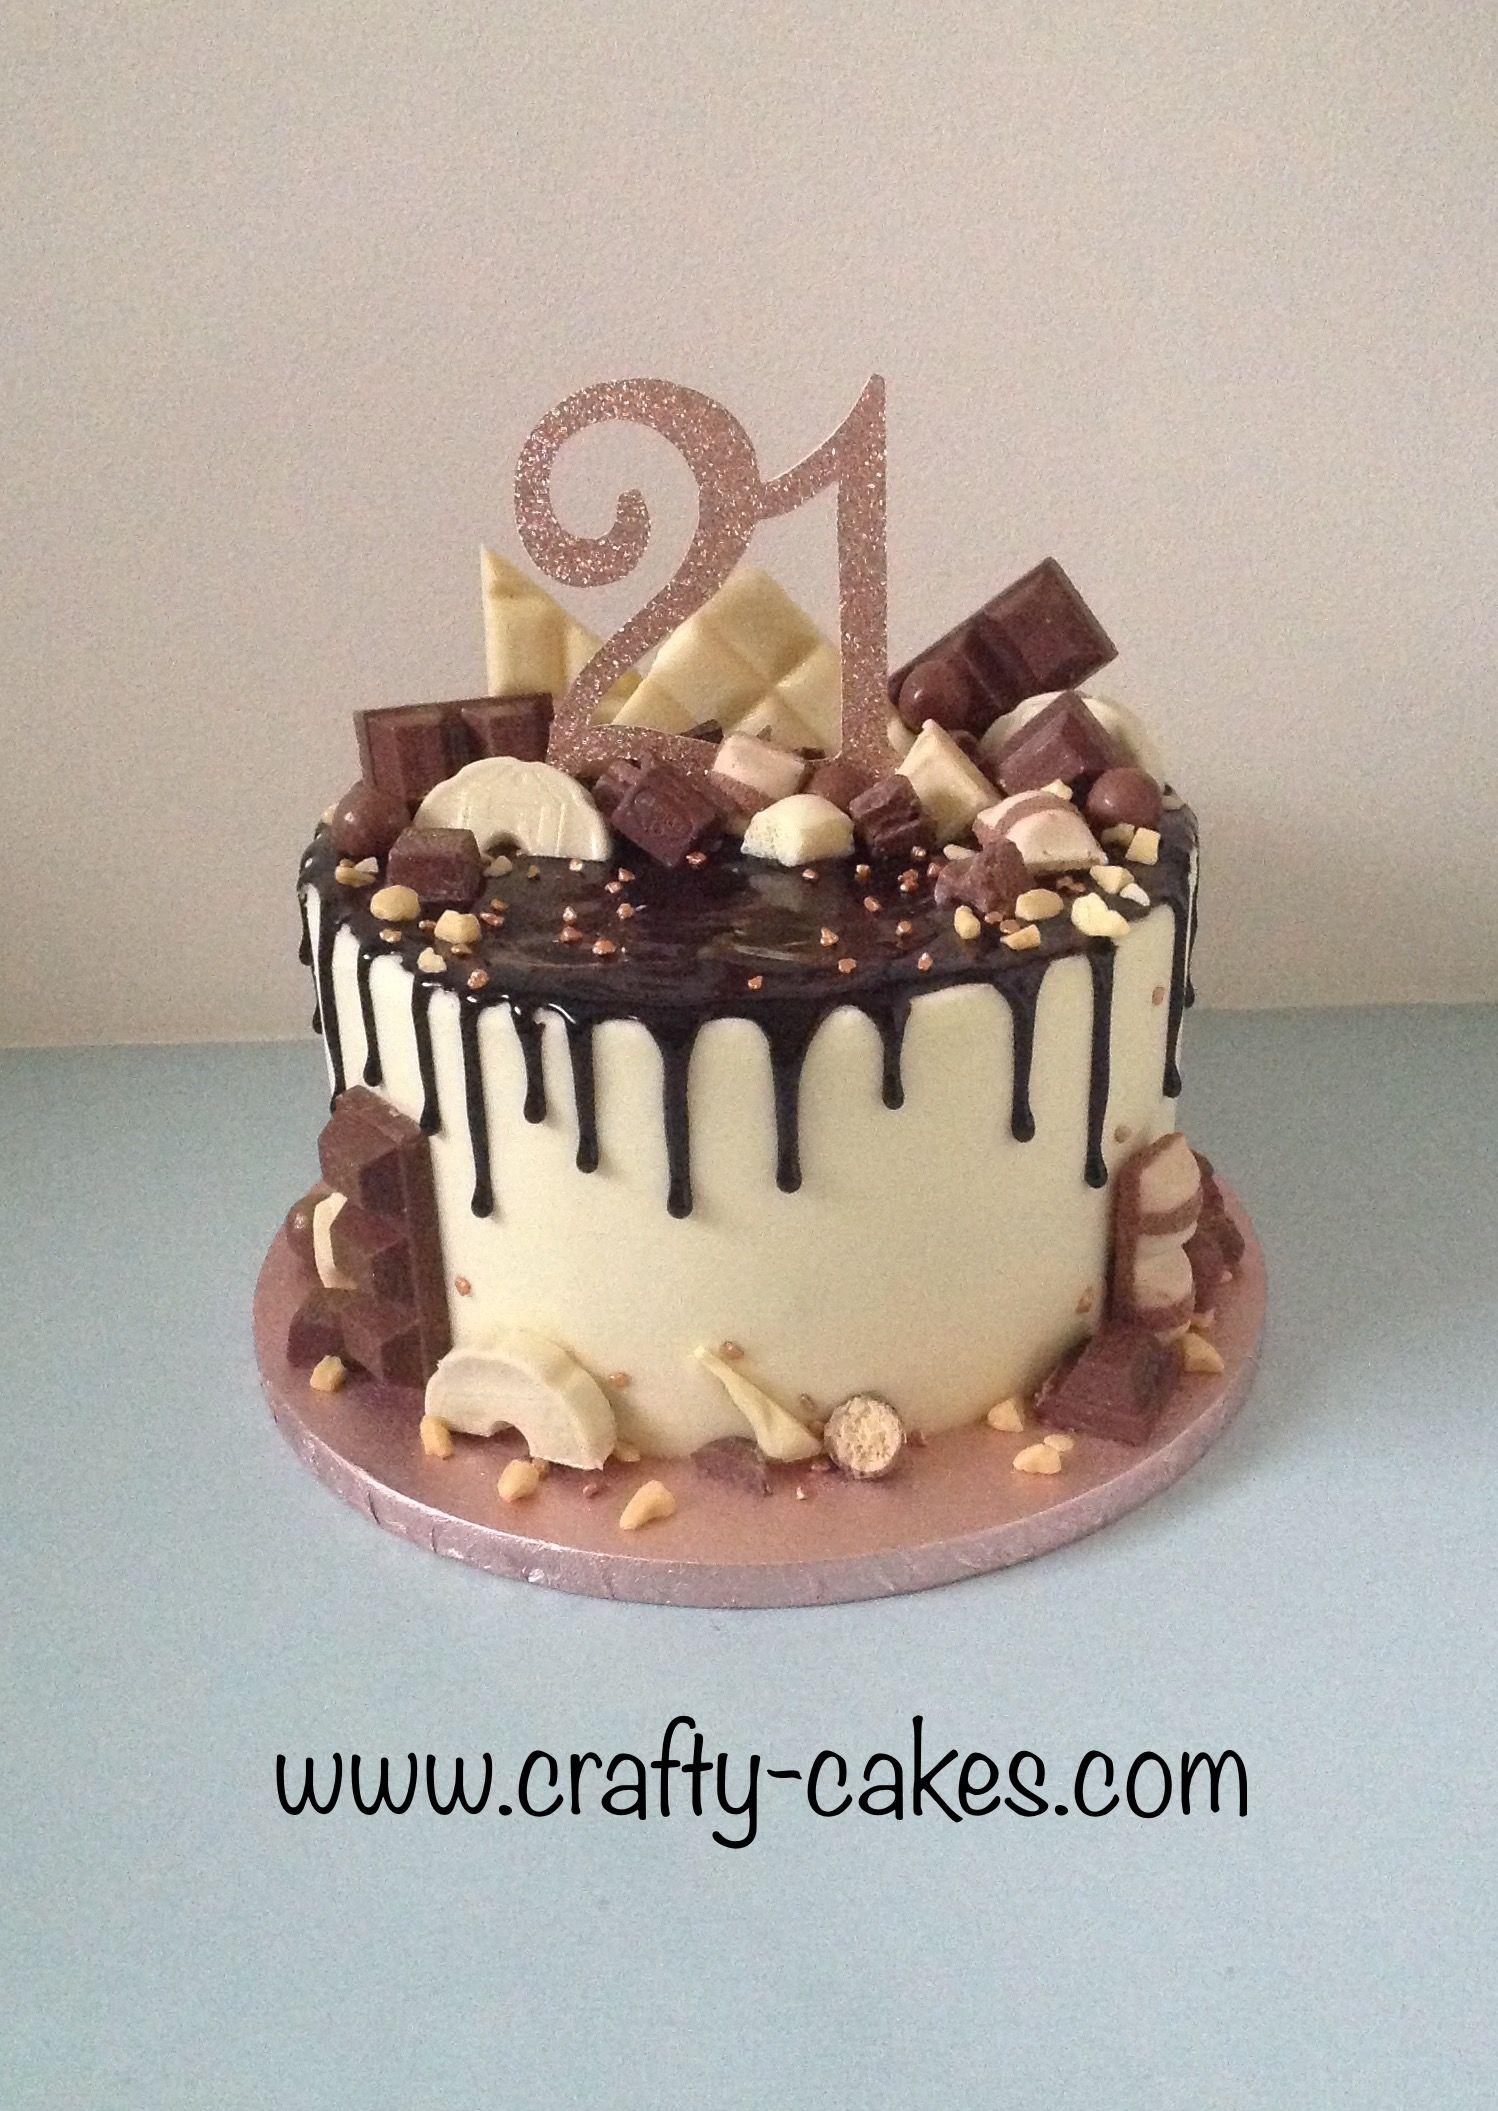 21st Birthday Chocolate Drip Cake Chocolate Drip Cake Birthday 21st Birthday Cakes Drip Cakes